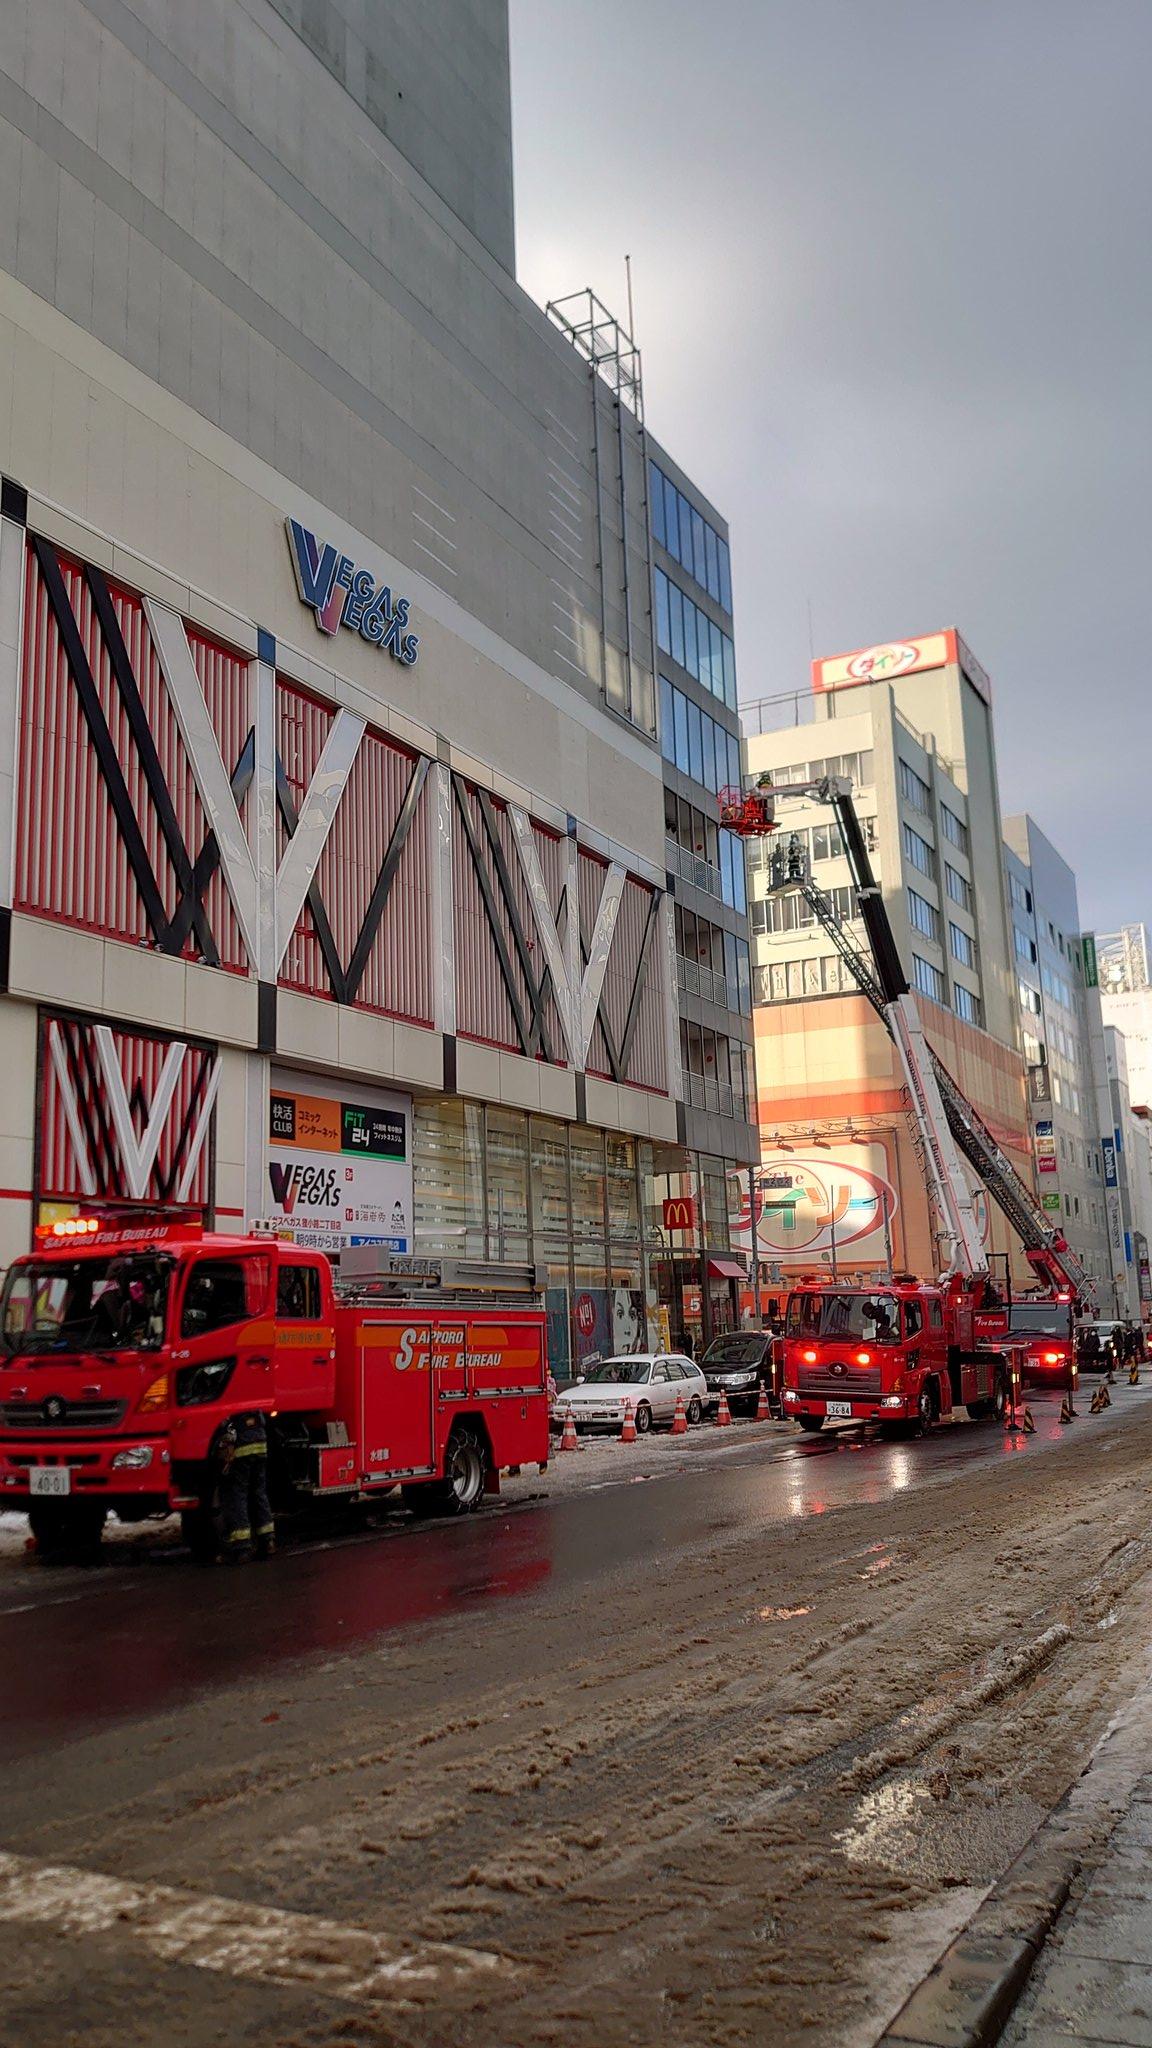 札幌市中央区のマクドナルドのビルで火事が消火活動している画像